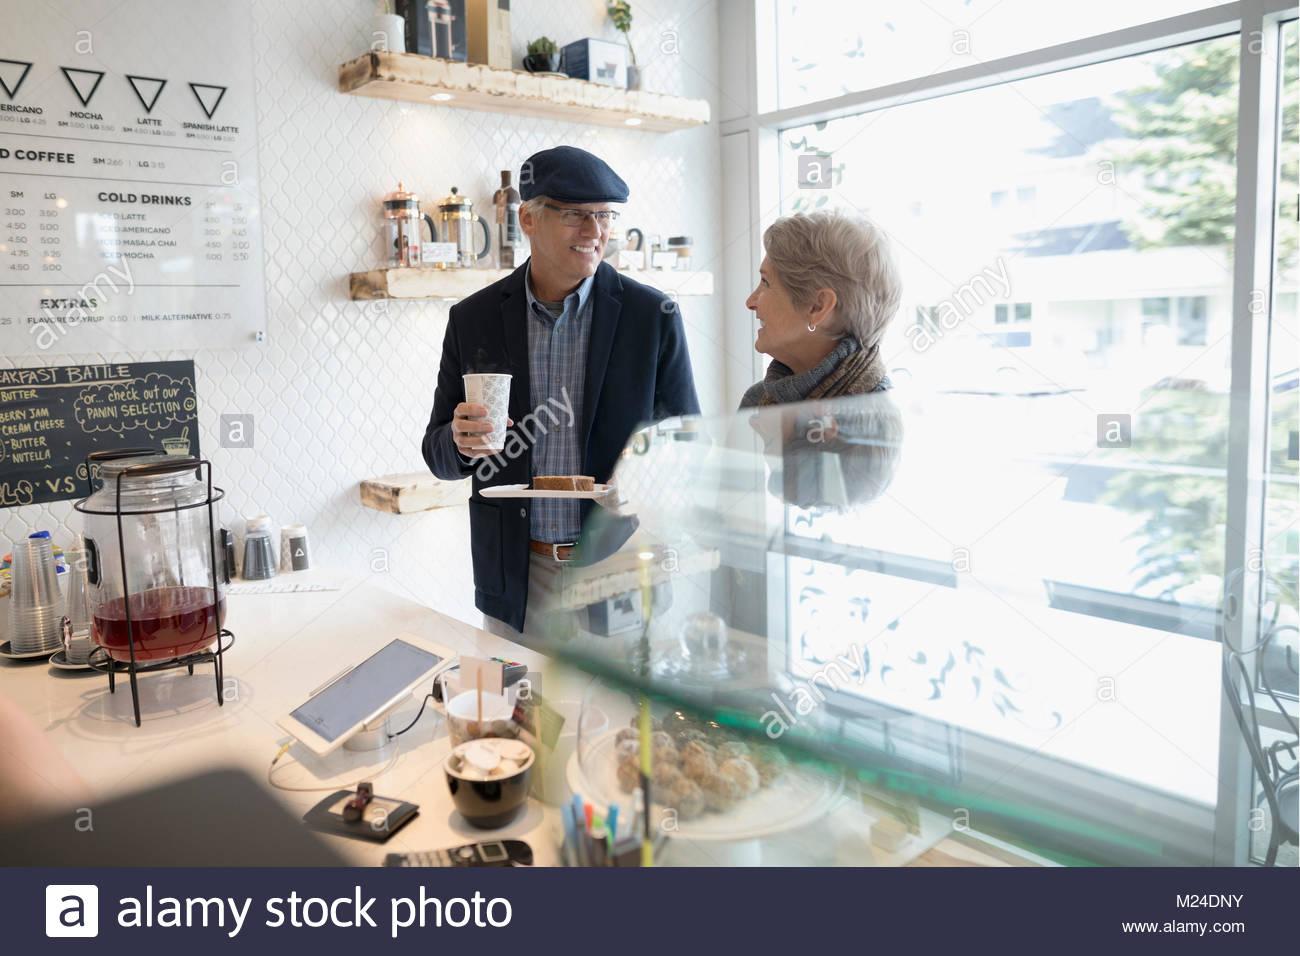 Coppia senior acquisto di caffè e pasticcini al cafe counter Immagini Stock